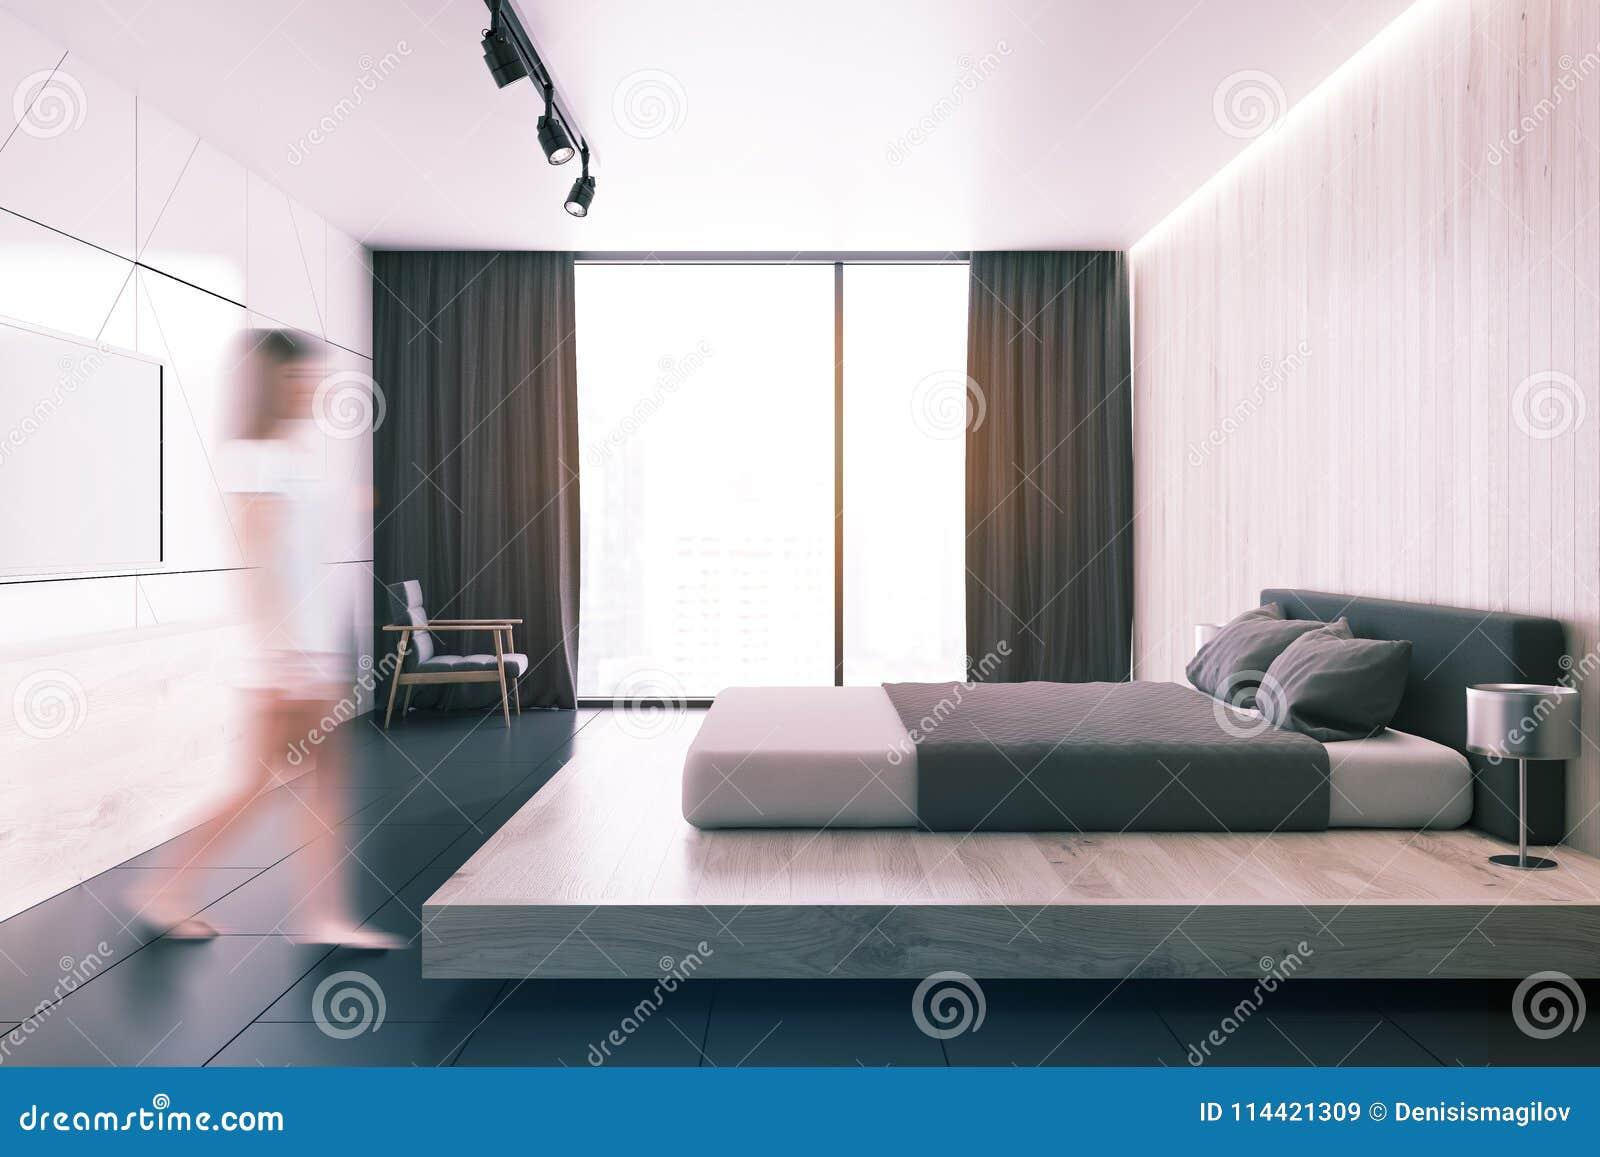 Белая спальня просторной квартиры с телевизором тонизированный взгляд со стороны